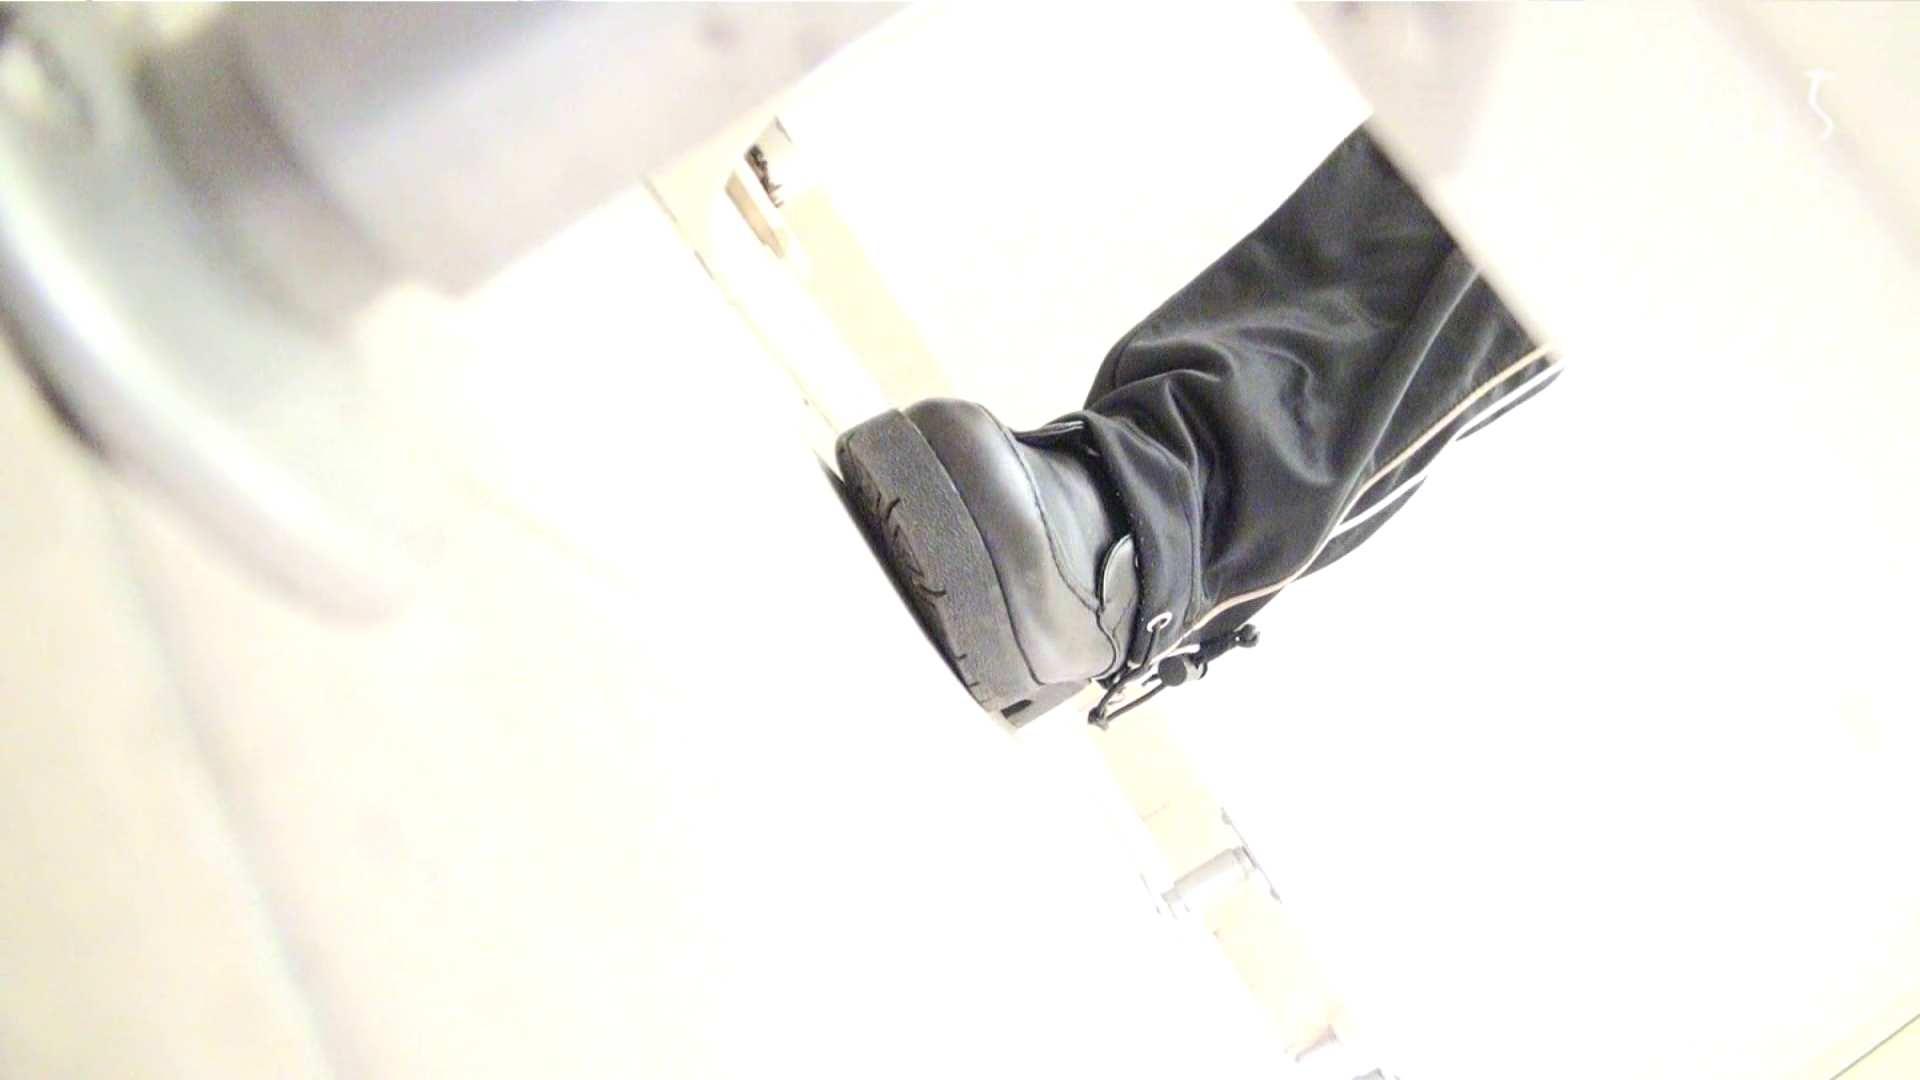 ナースのお小水 vol.005 ナースのエロ動画 のぞき 112PIX 6